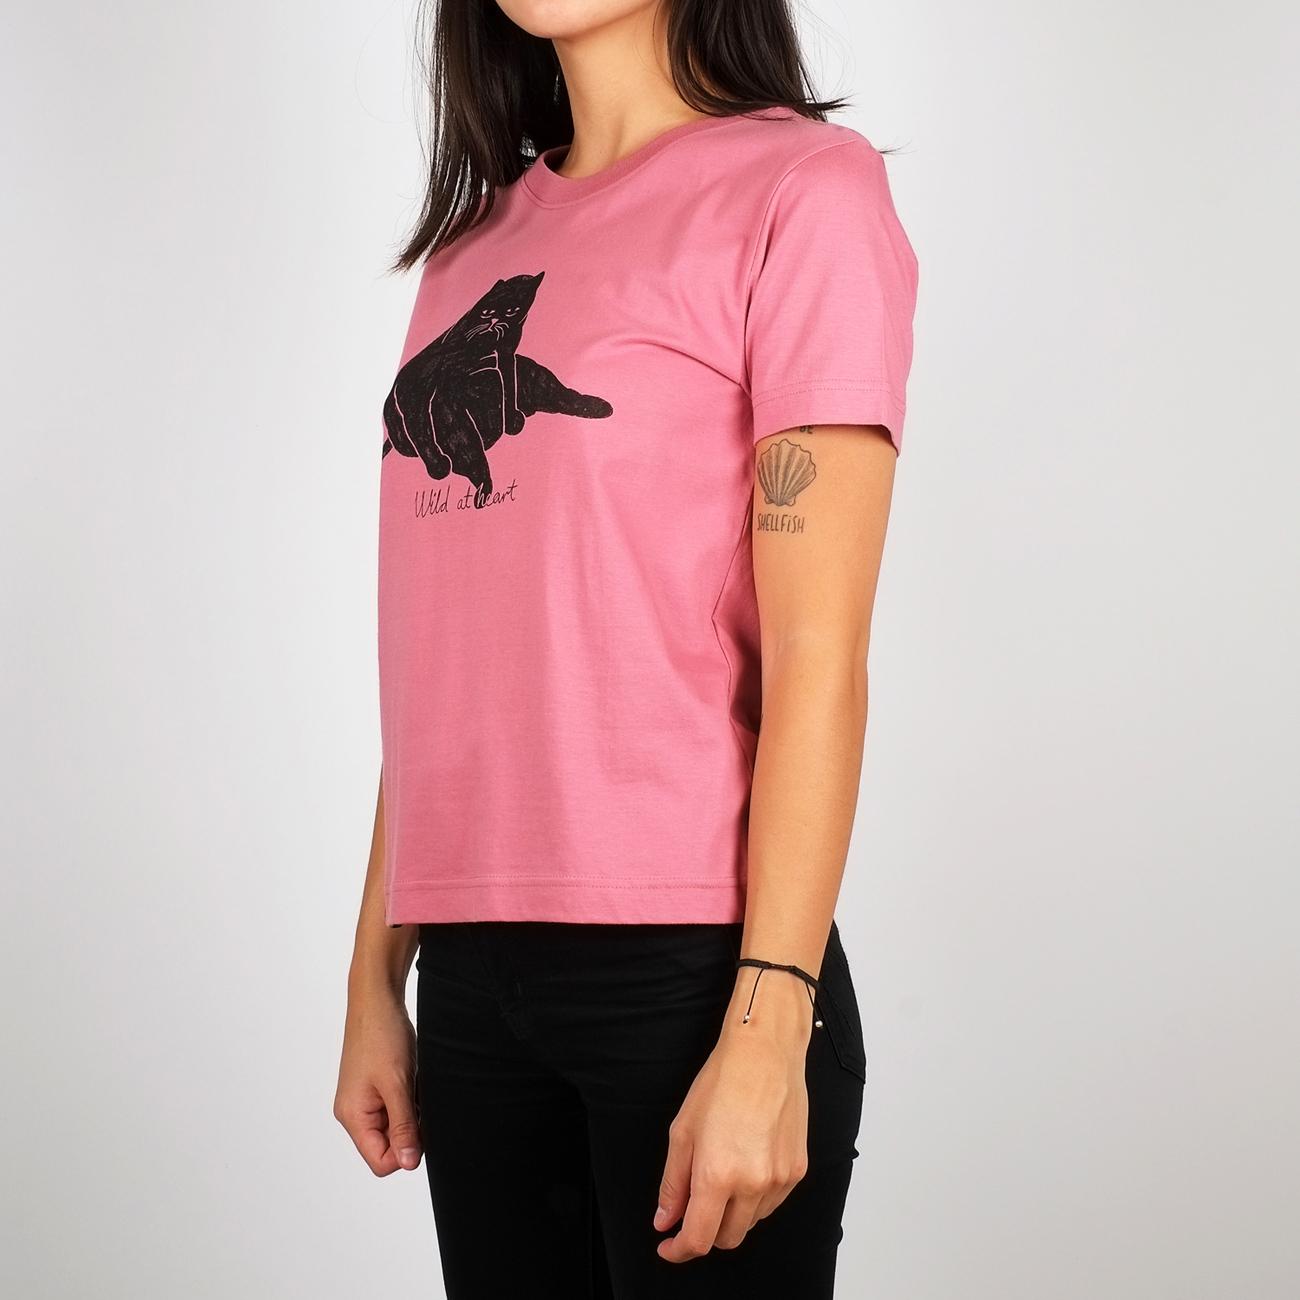 T-shirt Mysen Wild at Heart